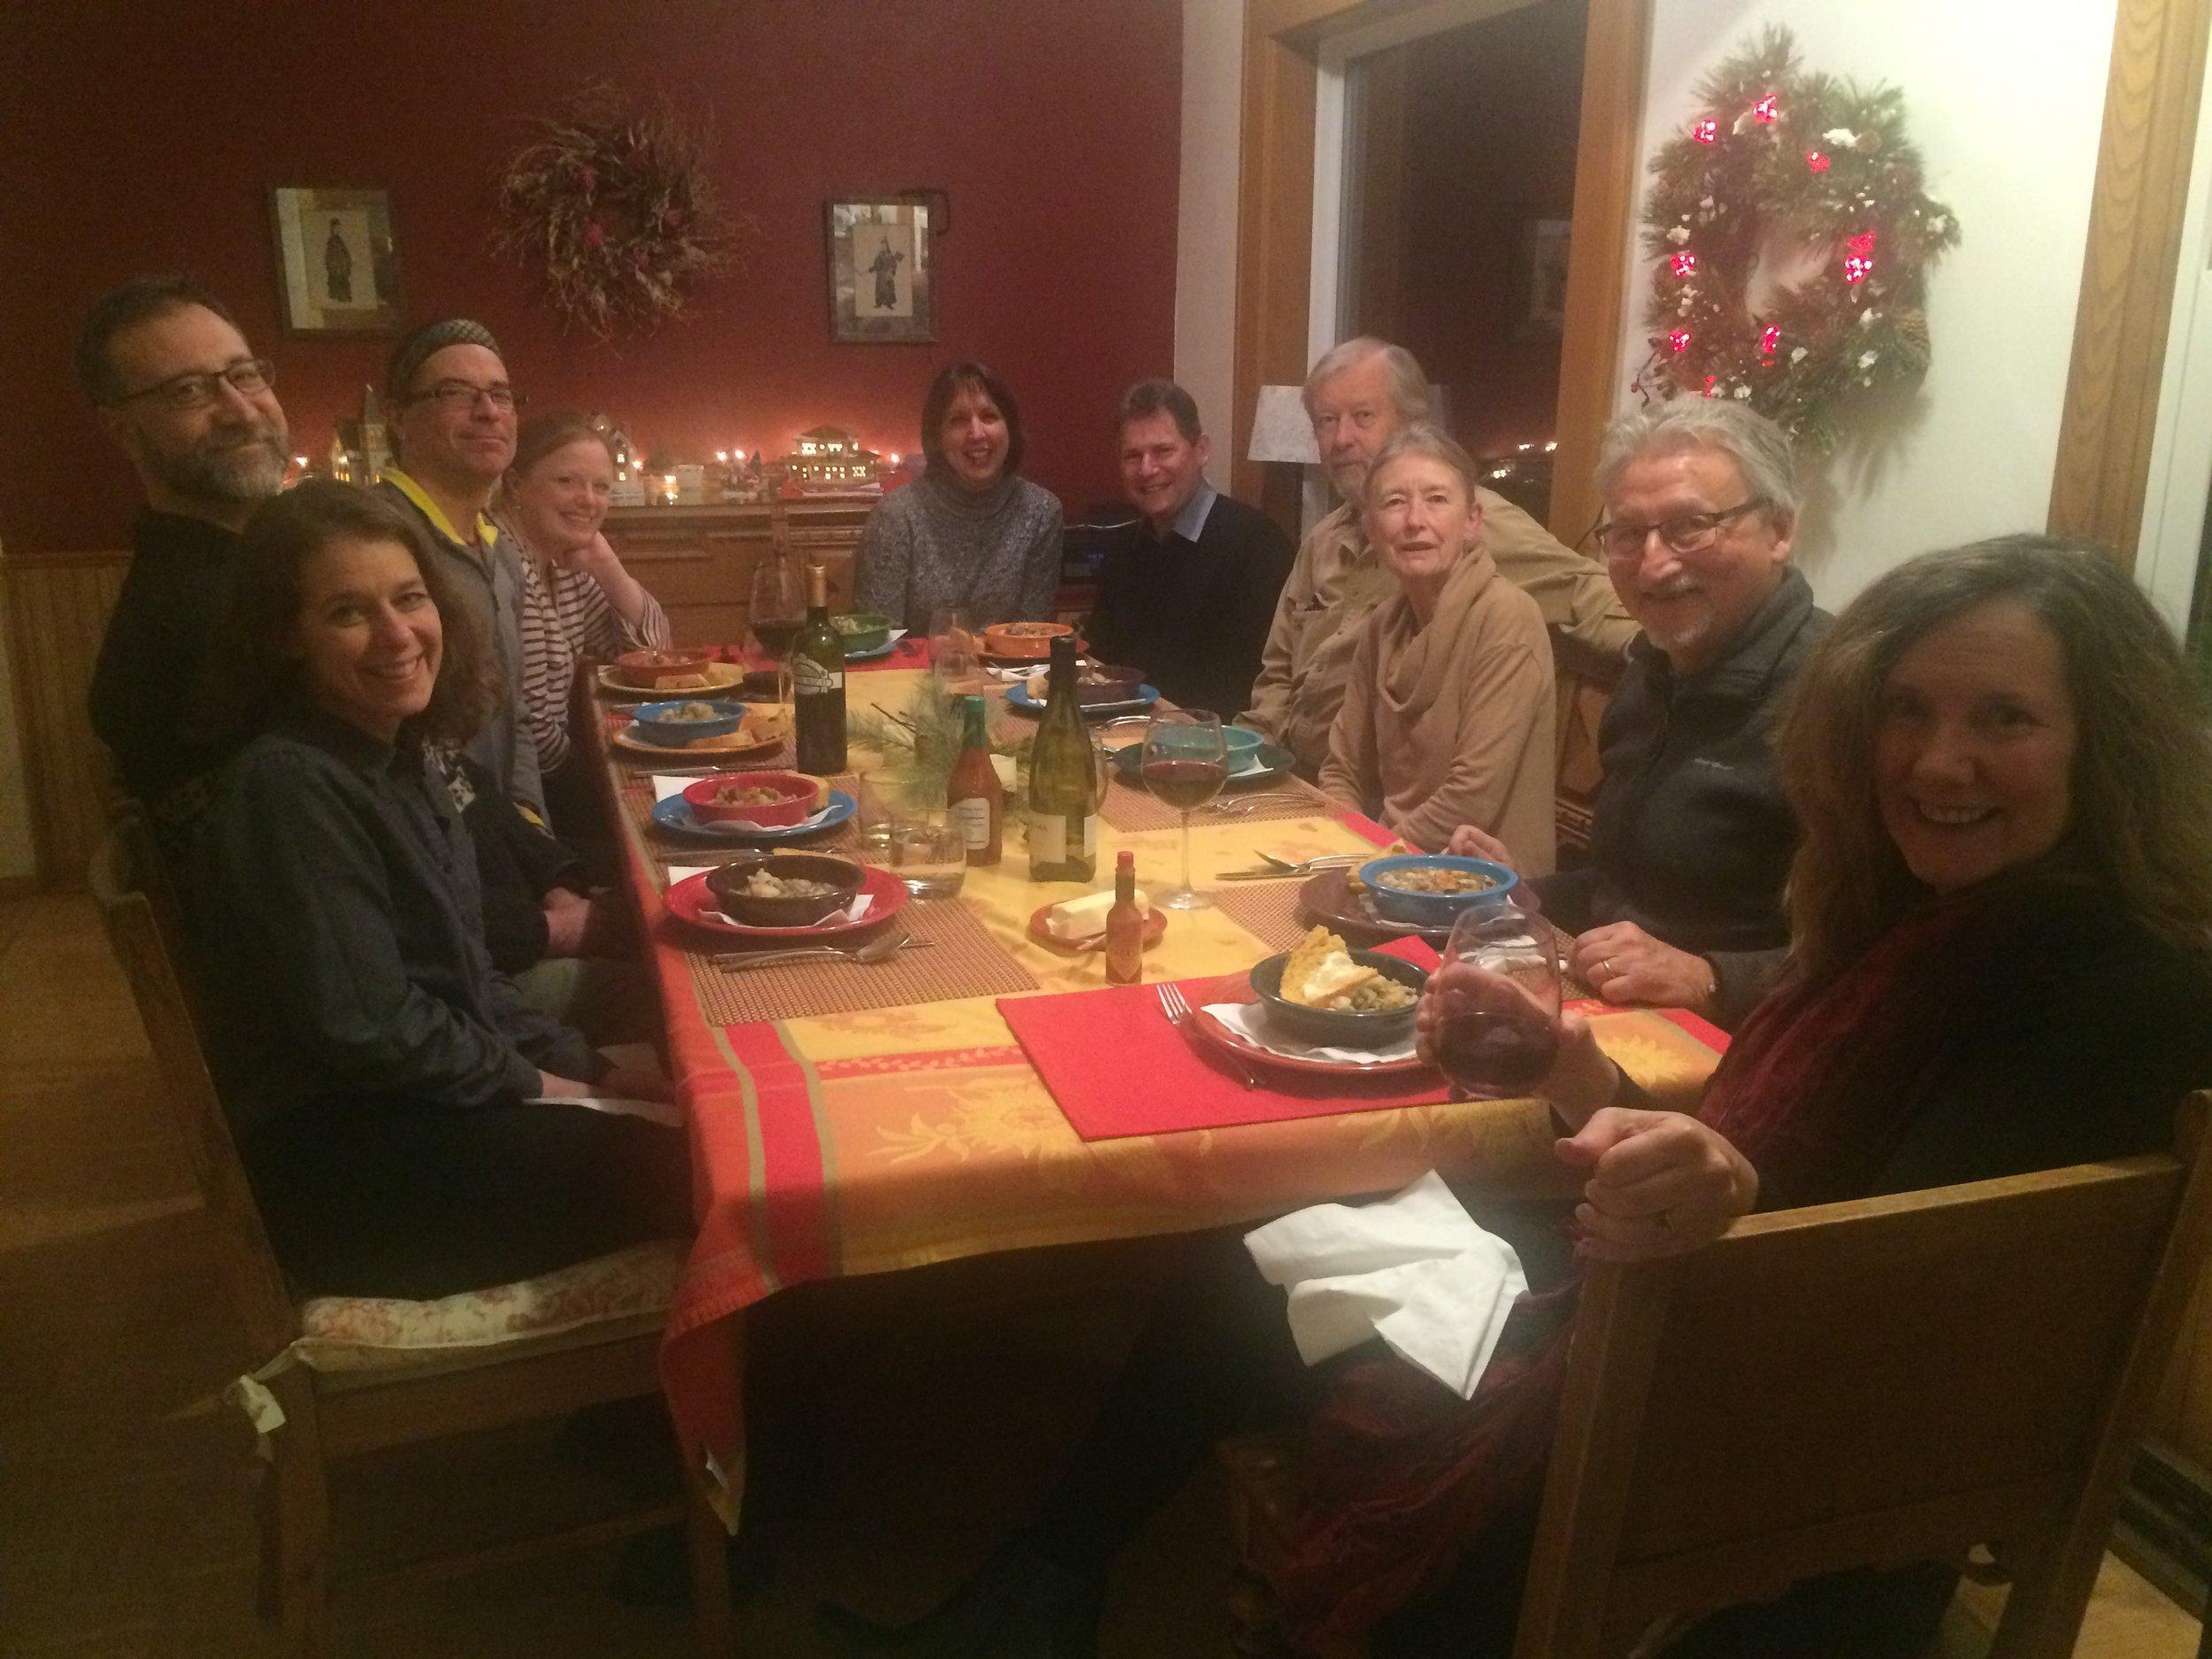 Celebratory dinner at the Davises' home